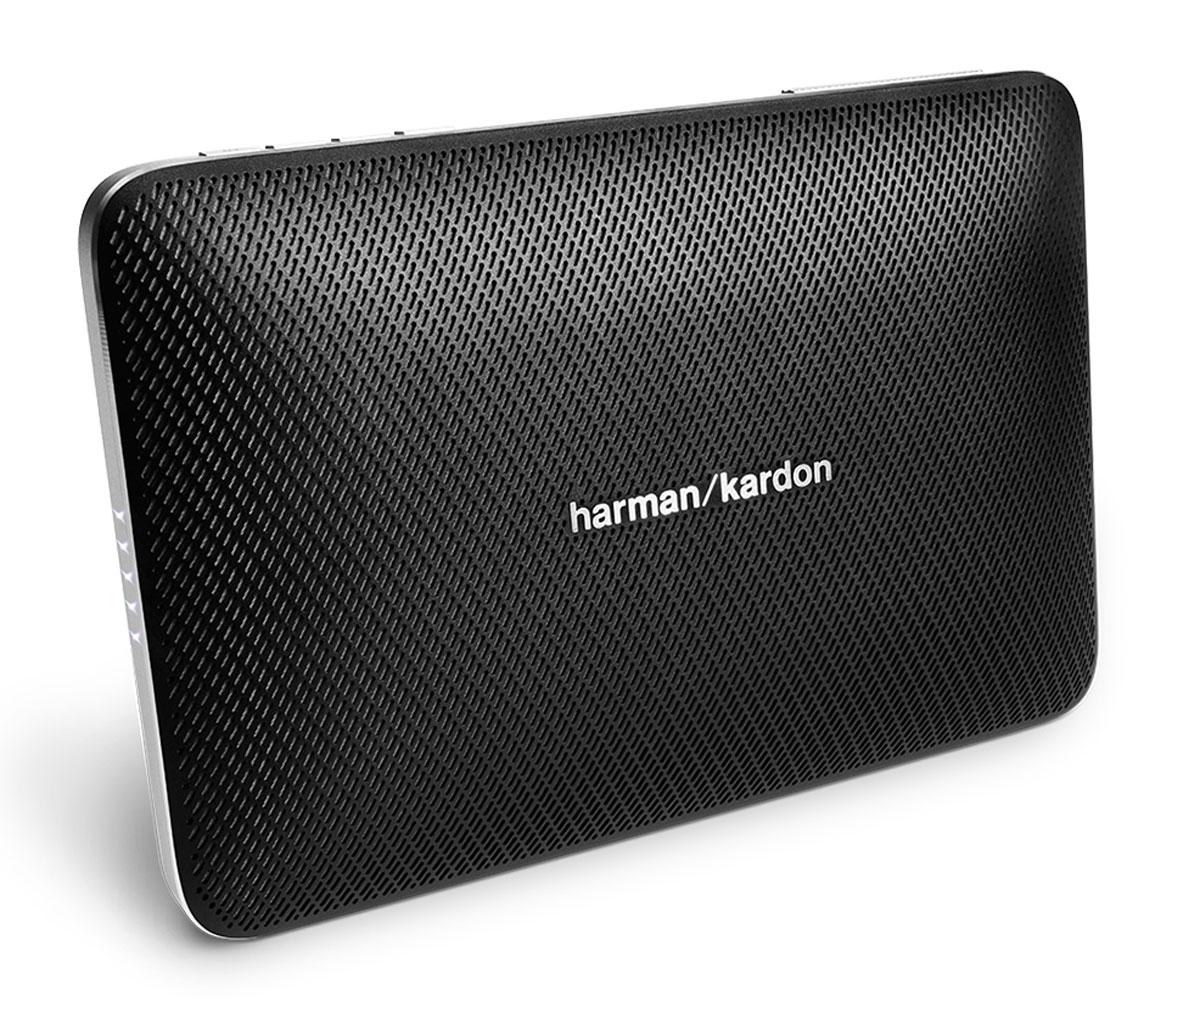 Harman Kardon Esquire 2, Black портативная акустическая системаHKESQUIRE2BLKHarman Kardon Esquire 2 - беспроводная Bluetooth-колонка, ставшая сосредоточением мастерства и производительности, высококачественных материалов и современных возможностей.Данная модель обеспечивает богатое высококлассное звучание благодаря передовым разработкам в акустике и четырем профессионально настроенным динамикам. Эта портативная колонка обладает технологией Bluetooth для беспроводного соединения, а также USB-портом для подзарядки телефонов и других устройств.Еще одно отличие Esquire 2 - беспрецедентная система конференцсвязи. Под цельным алюминиевым корпусом расположились четыре микрофона с технологией эхо- и шумпоподавления VoiceLogic с окружающим звучанием 360 градусов. Вы услышите все до последней буквы – даже в самых шумных местах. Исполненный в тонком форм-факторе и невесомом дизайне, Esquire 2 легко скользнет в чемодан или сумочку, но также станет центром притяжения в конференц-зале.Необязательно все время держать динамик в руках – откиньте подставку и поставьте Harman Kardon Esquire 2 на стол. Тогда ни одна нота не будет утеряна.Harman Kardon Esquire 2 обладает лучшим качеством звука в своей категории и отличается уровнем производительности, который, казалось бы, противоречит его удобному компактному размеру. Мощный объемный звук в малогабаритном динамике? Harman Kardon снова делает это.Динамики: 4 x 32 мм Аккумулятор: 3200 мАч